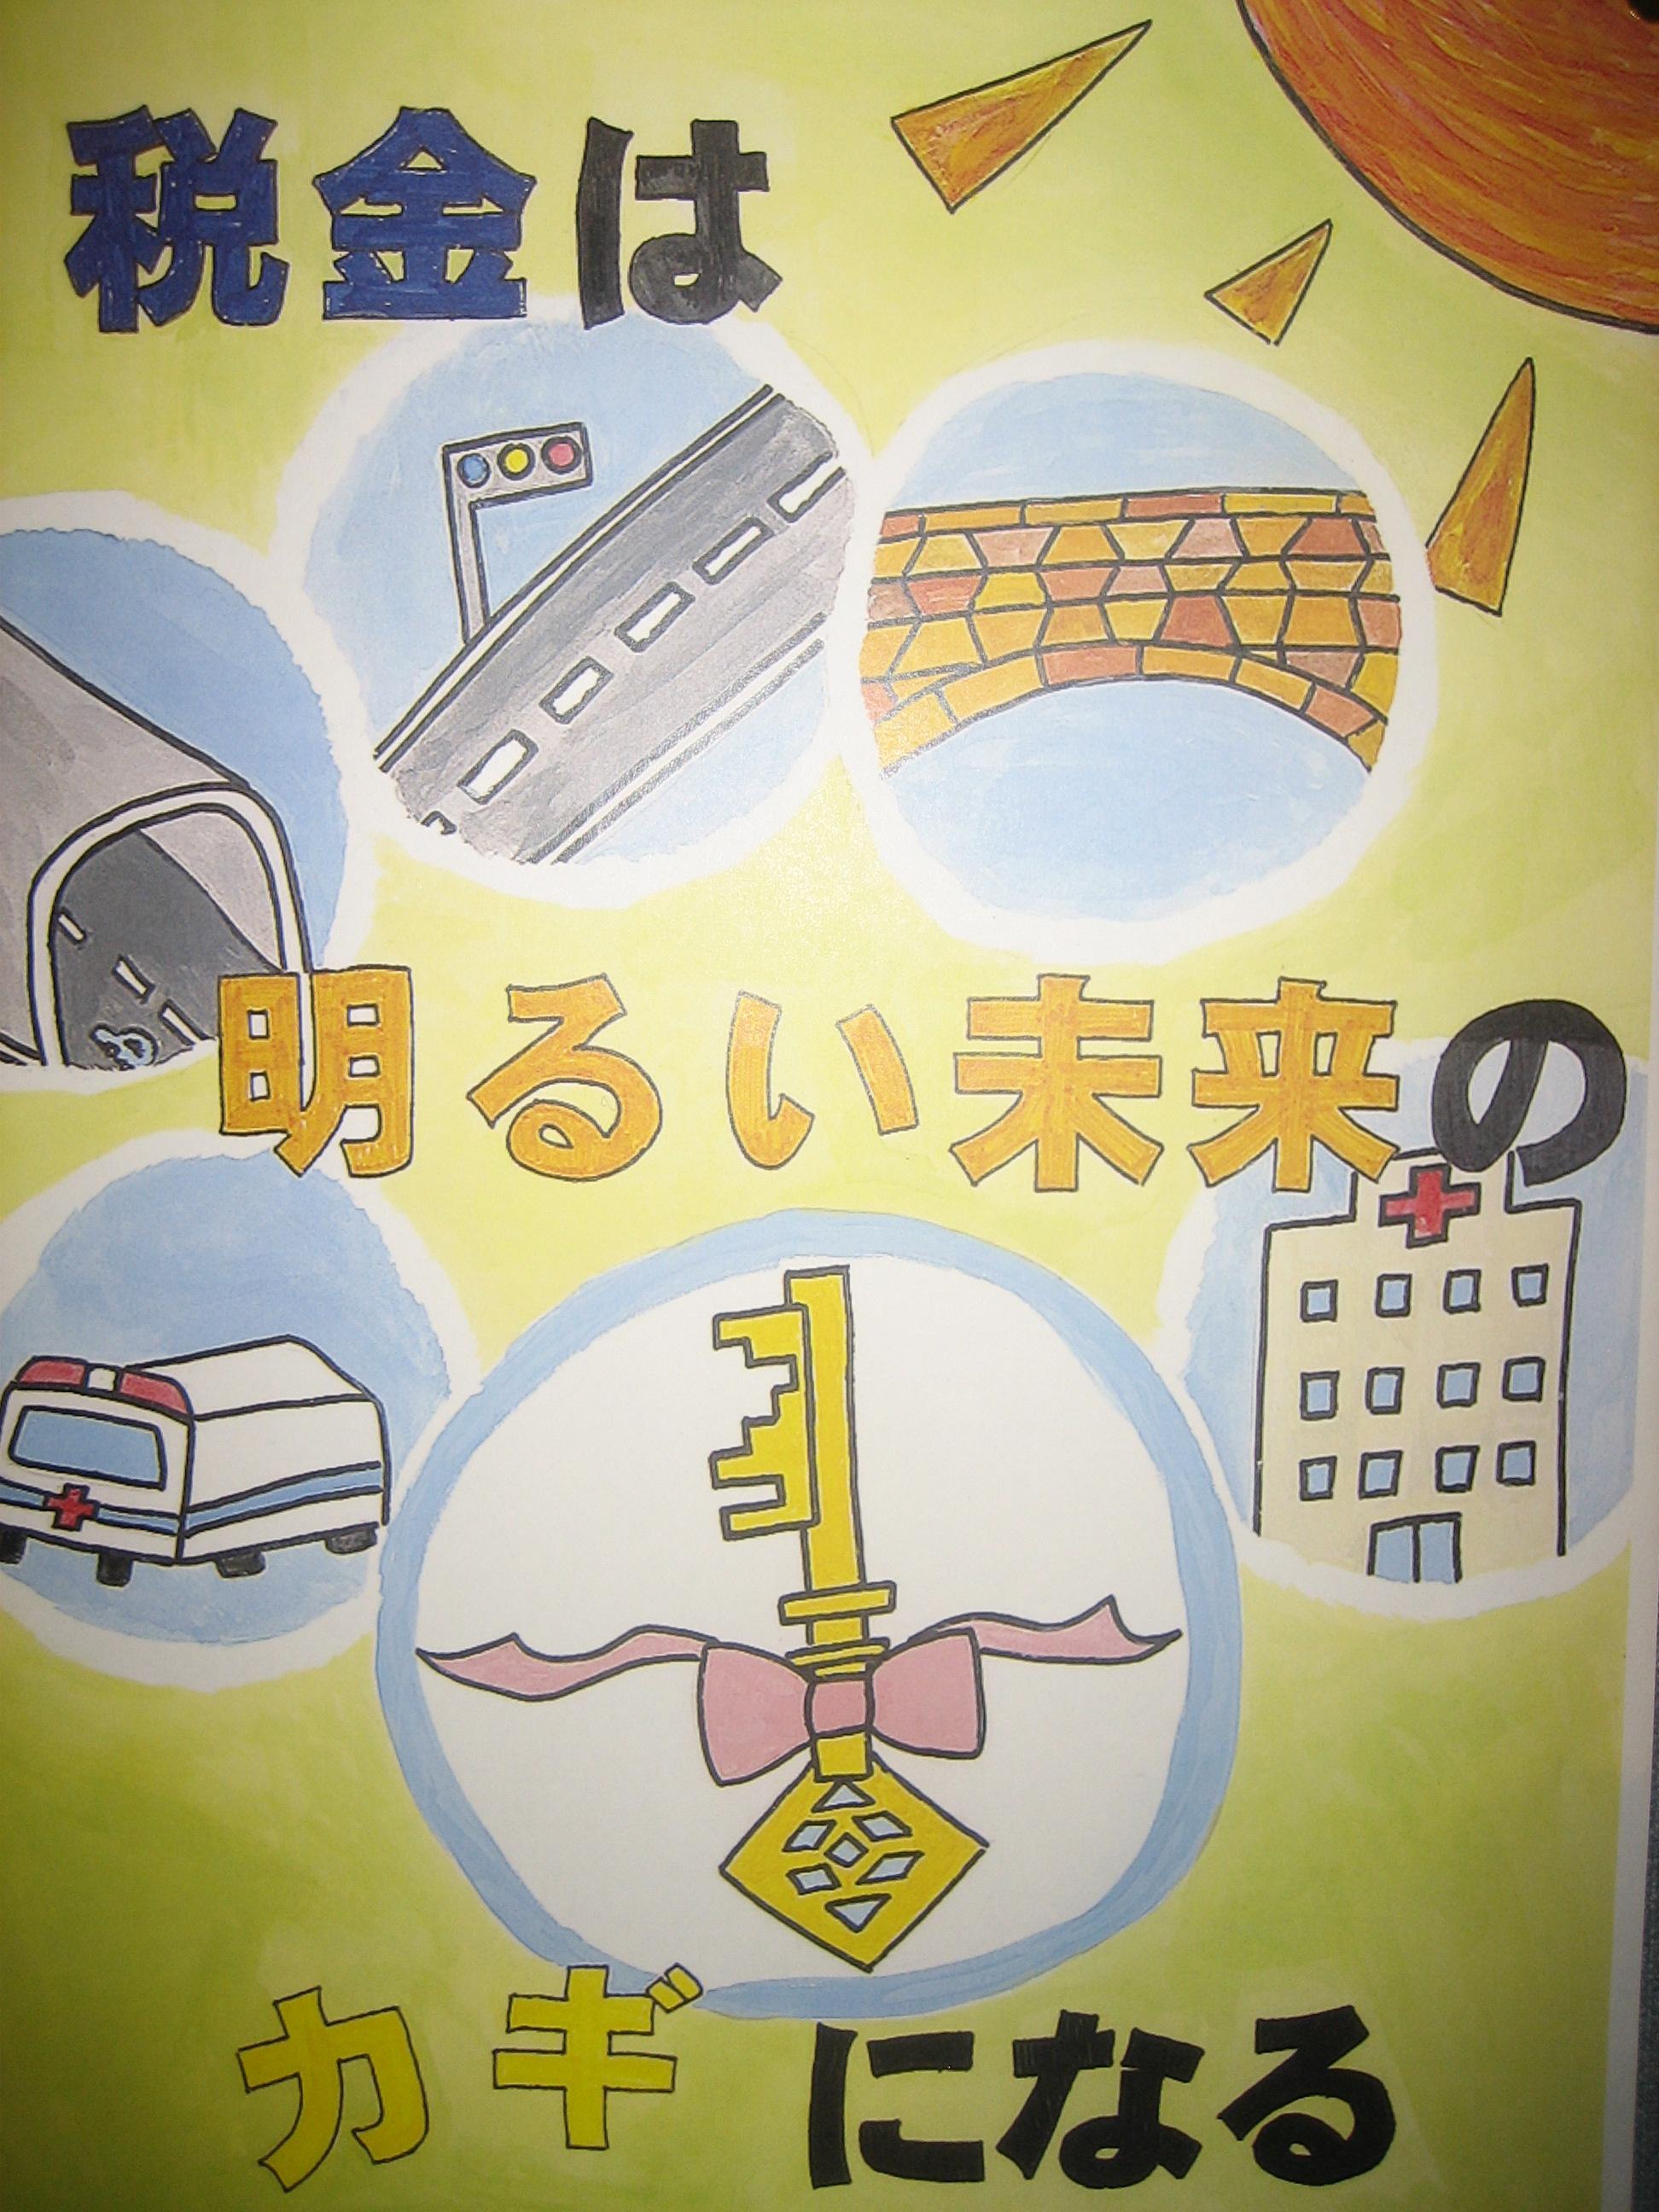 南信州お散歩日和税に関するポスターを展示しています!